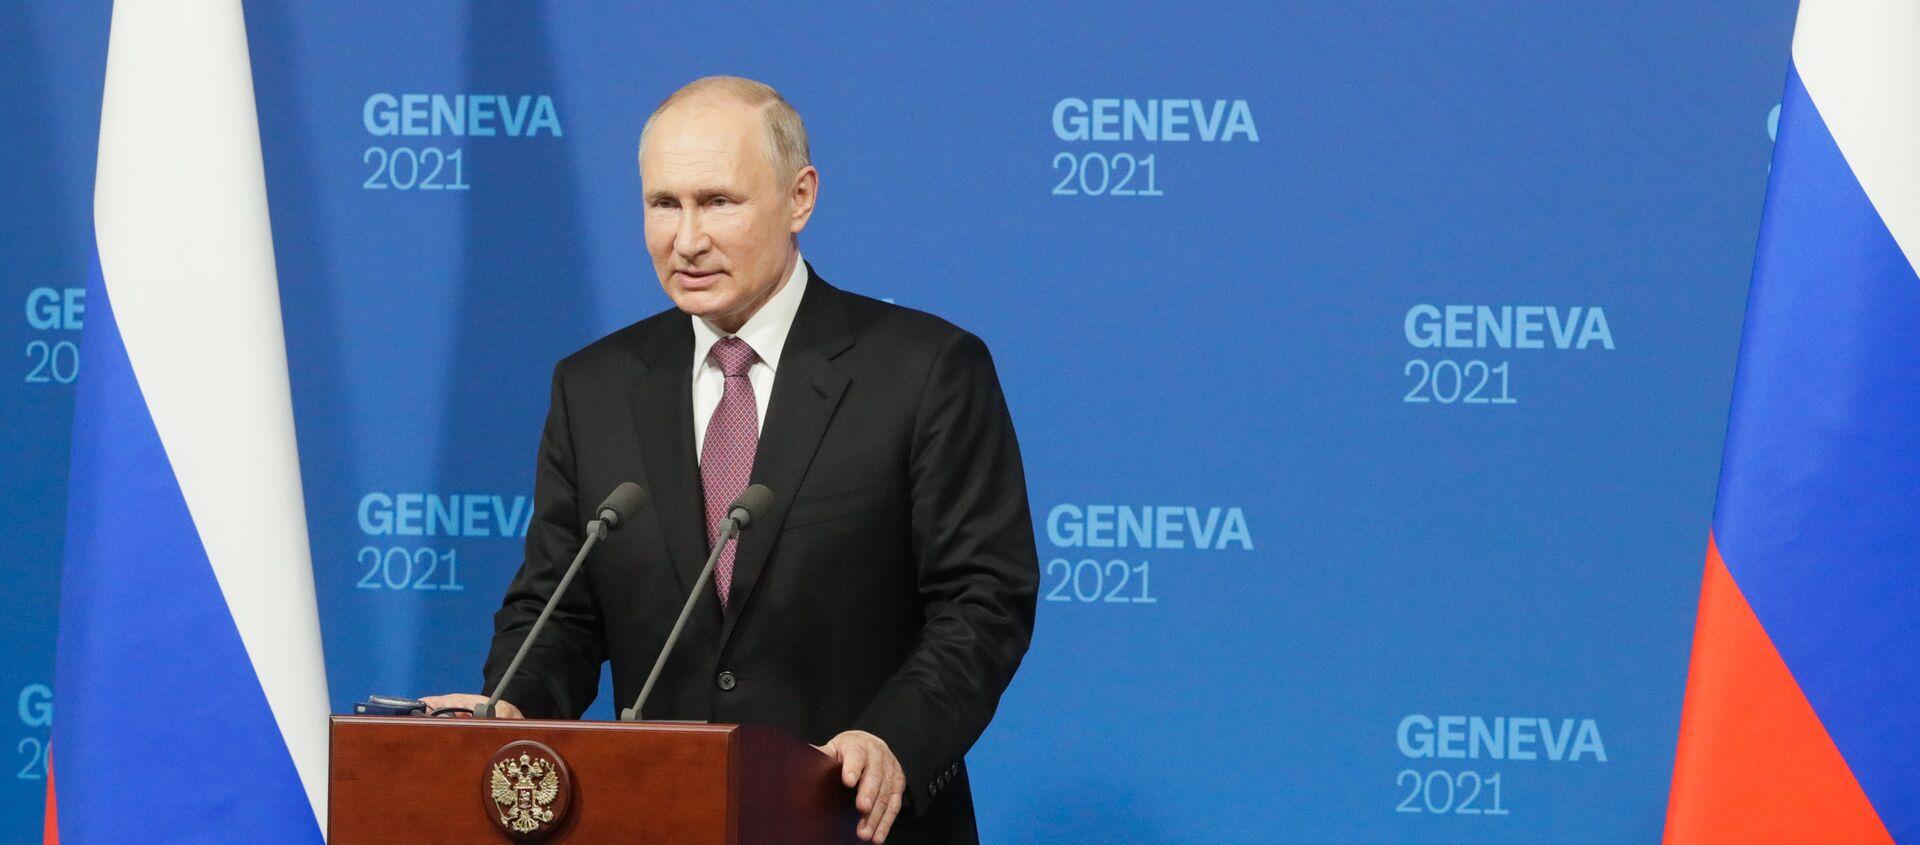 Geneva vào đêm trước hội nghị thượng đỉnh của Tổng thống Nga V.Putin và Tổng thống Mỹ J. Biden - Sputnik Việt Nam, 1920, 16.06.2021